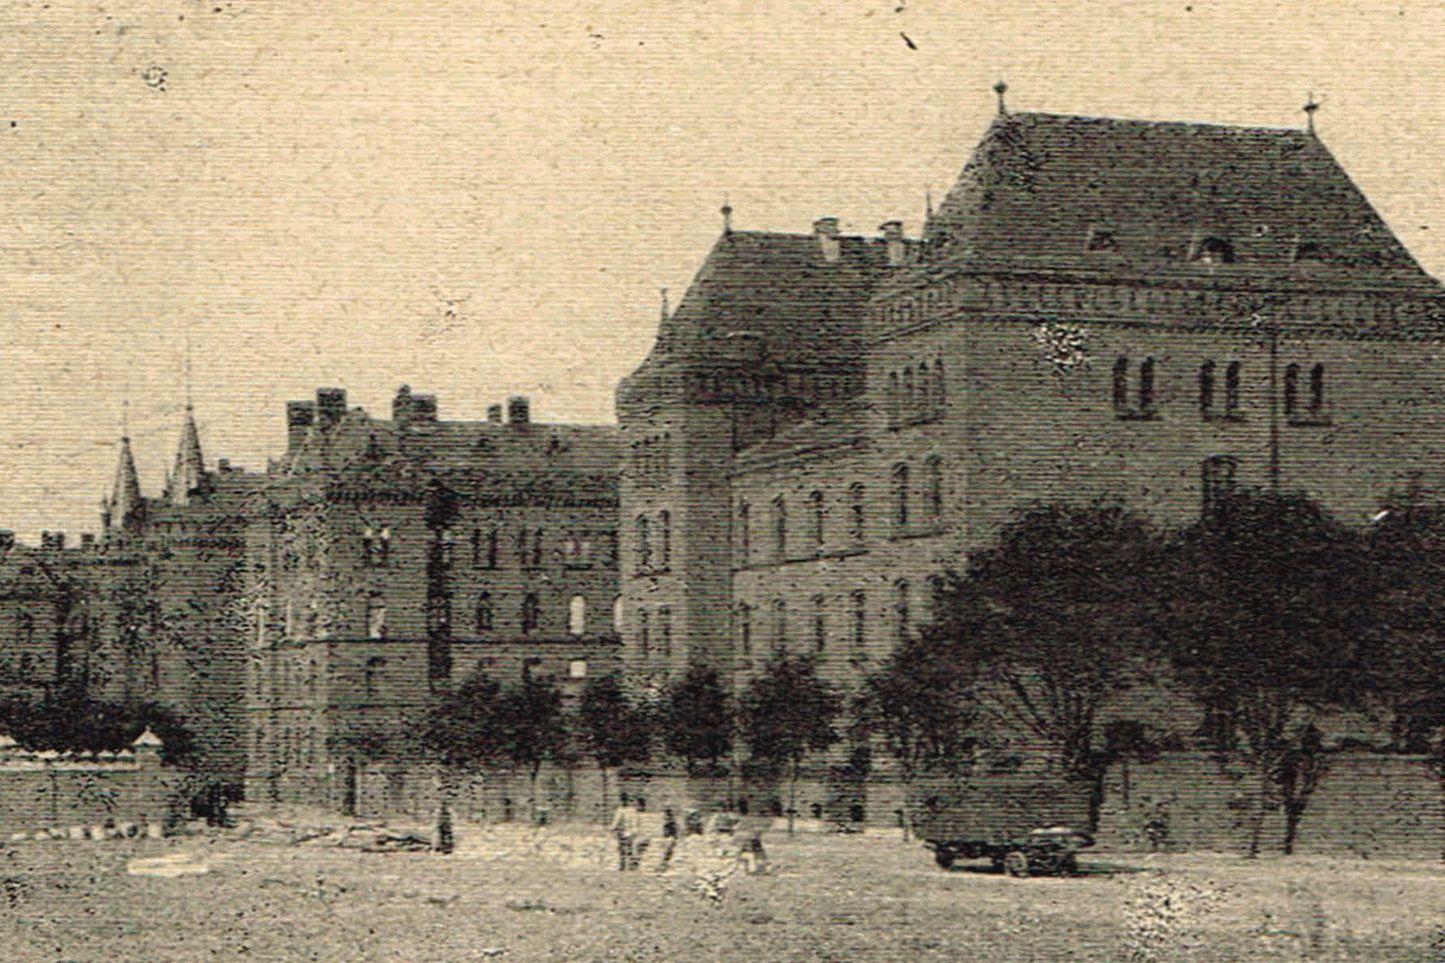 Kaserne des Kürassier Regiments Königin 1 - Pasewalk